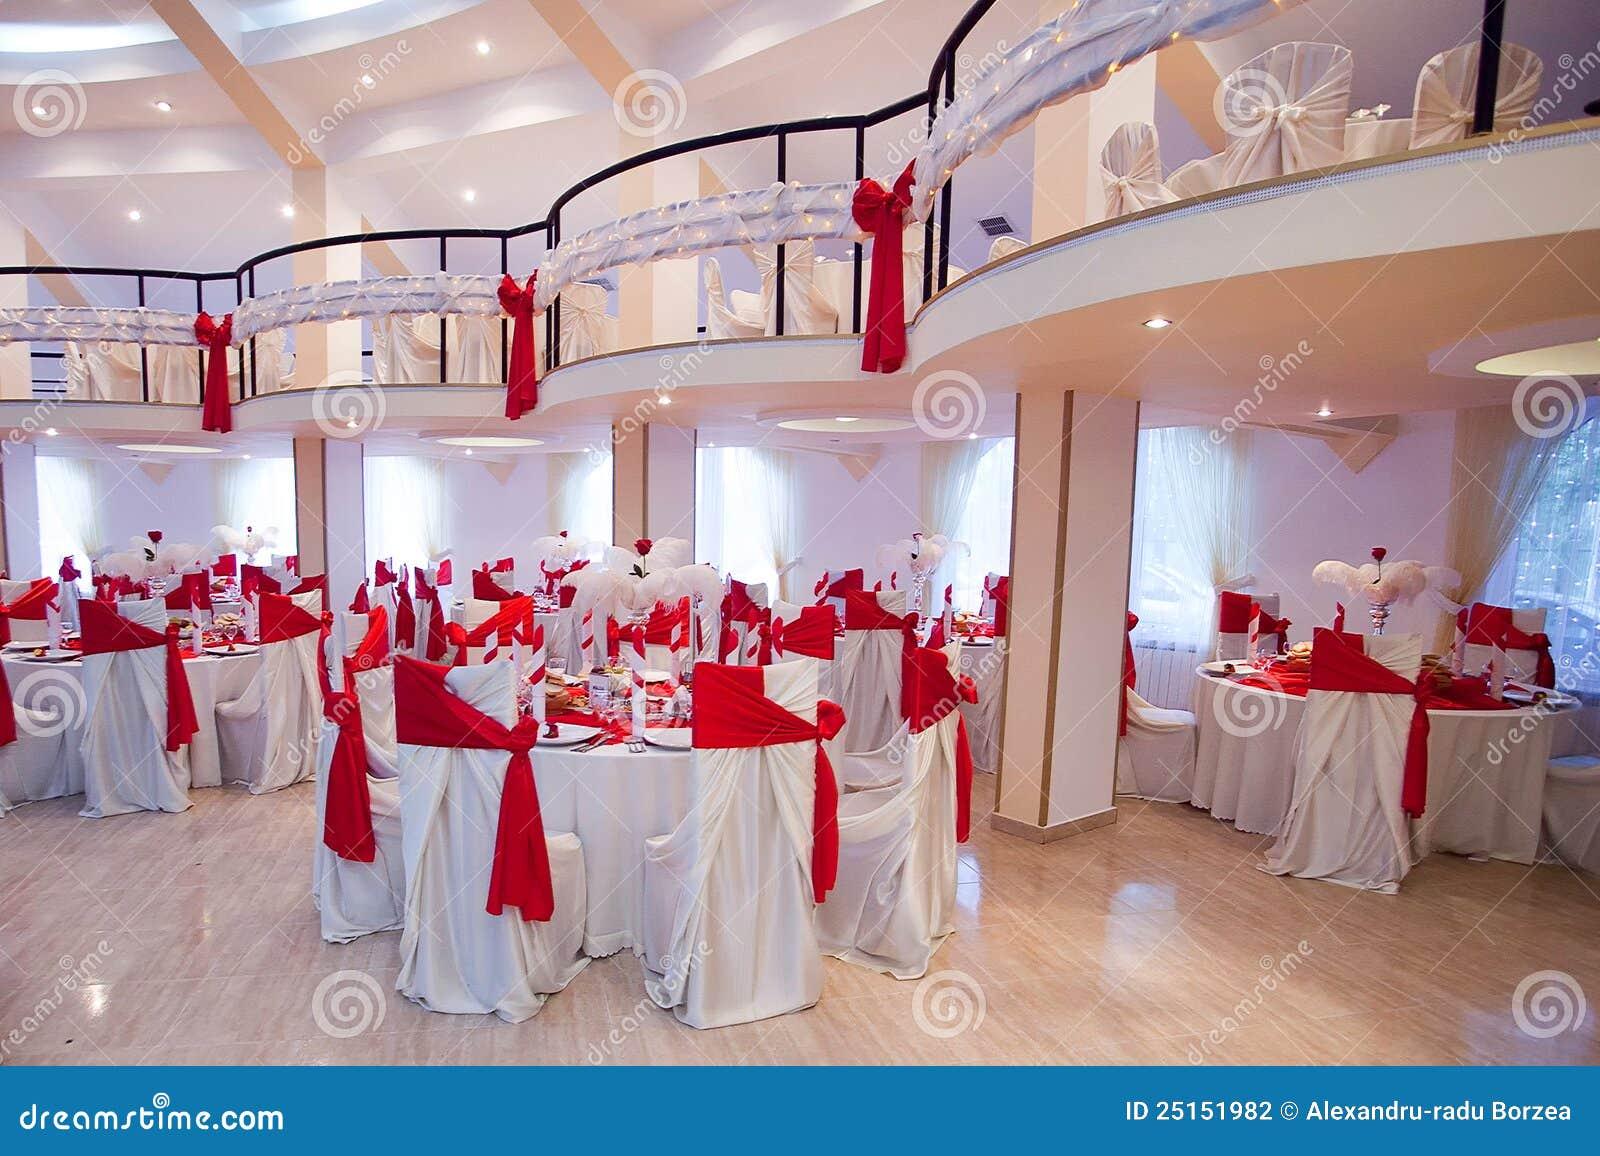 salle de c r monie de mariage photographie stock image. Black Bedroom Furniture Sets. Home Design Ideas